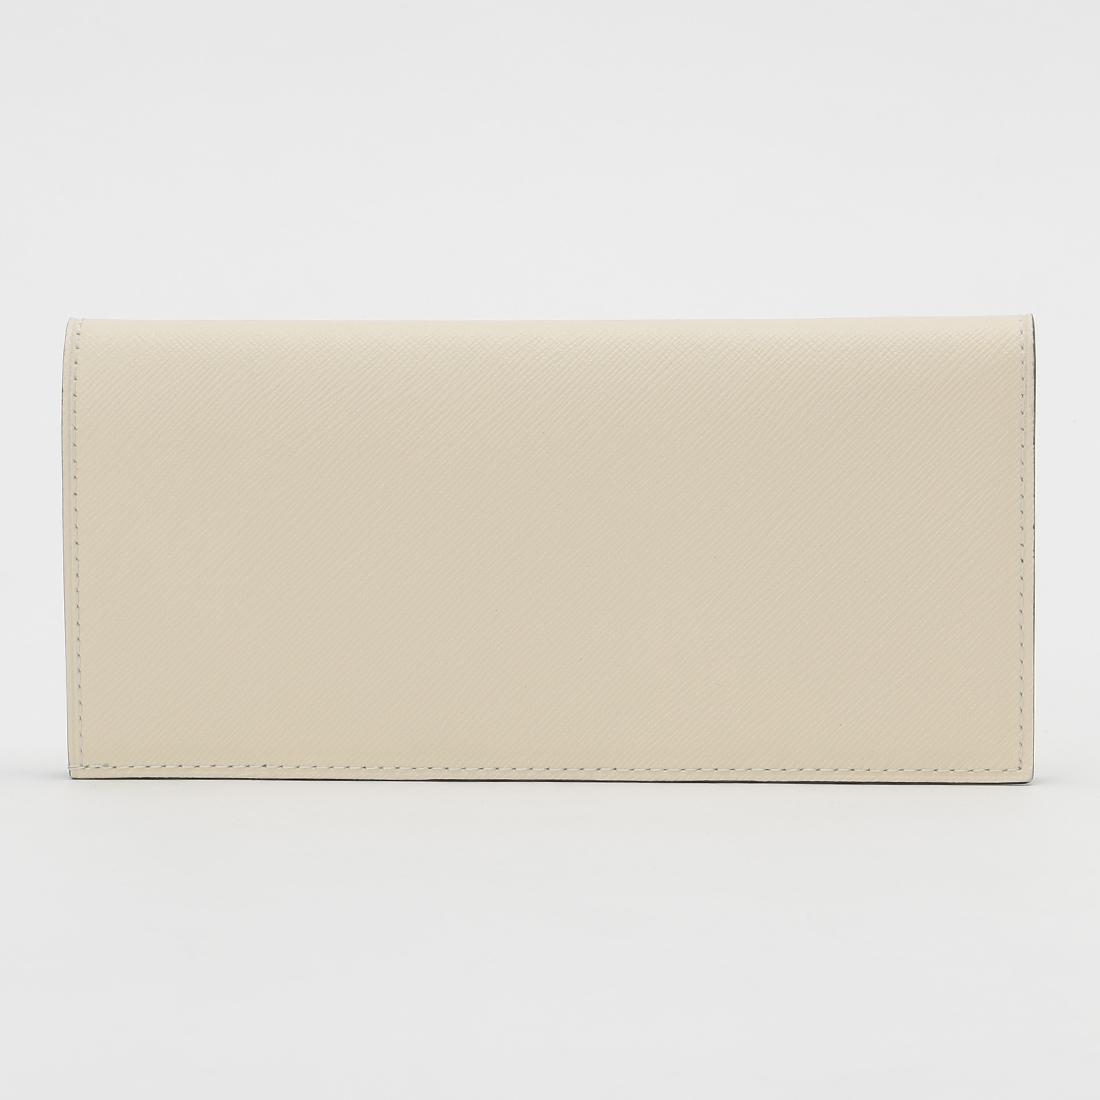 2016_mens-popularity-wallet-20_013